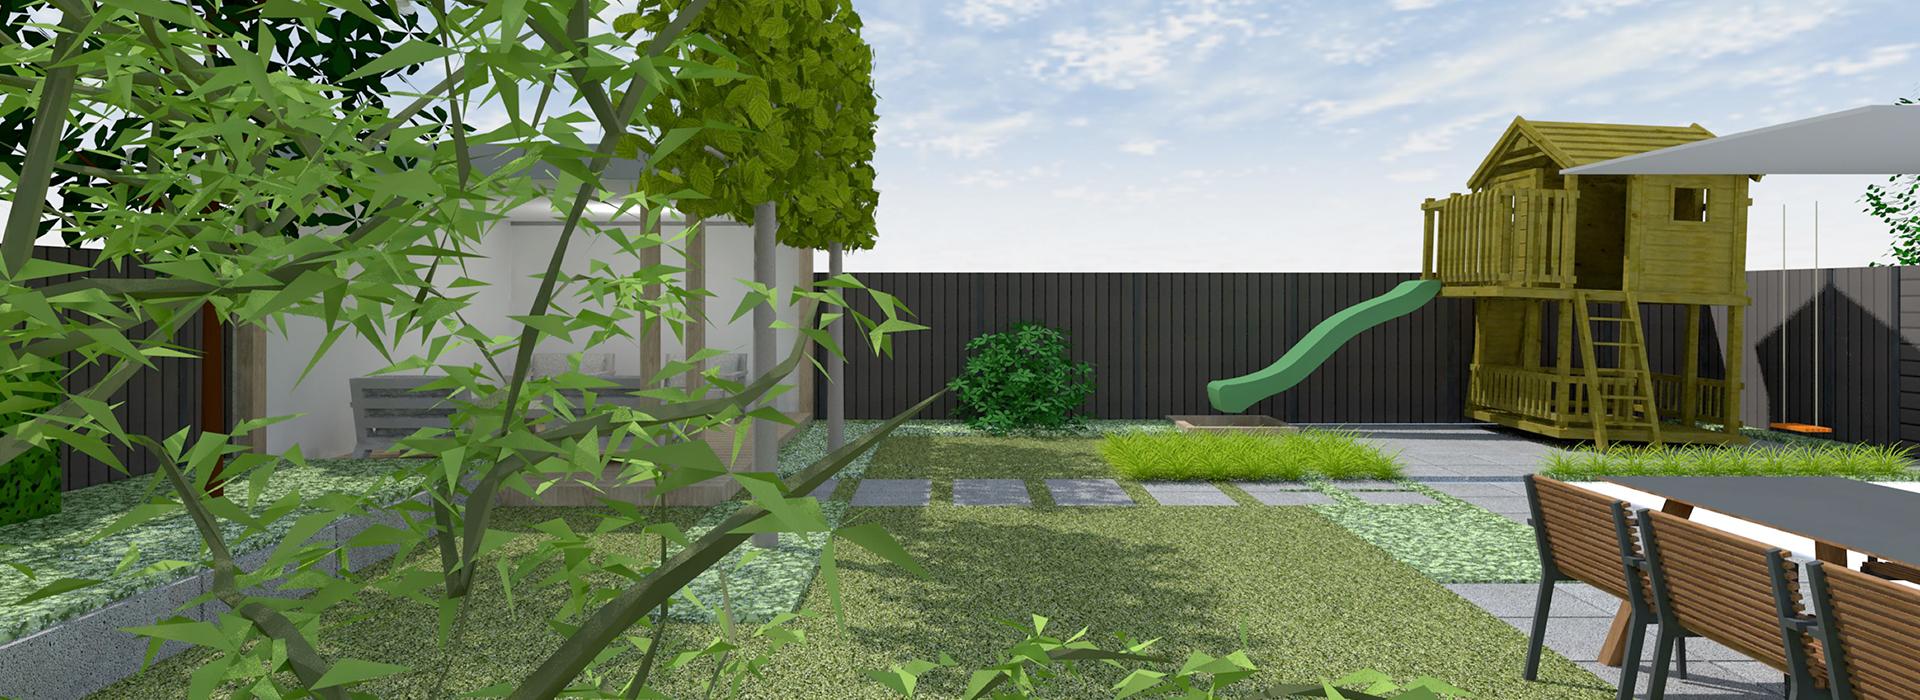 3d tuin ontwerpen hoveniersbedrijf sander langkamp for 3d tuin ontwerpen